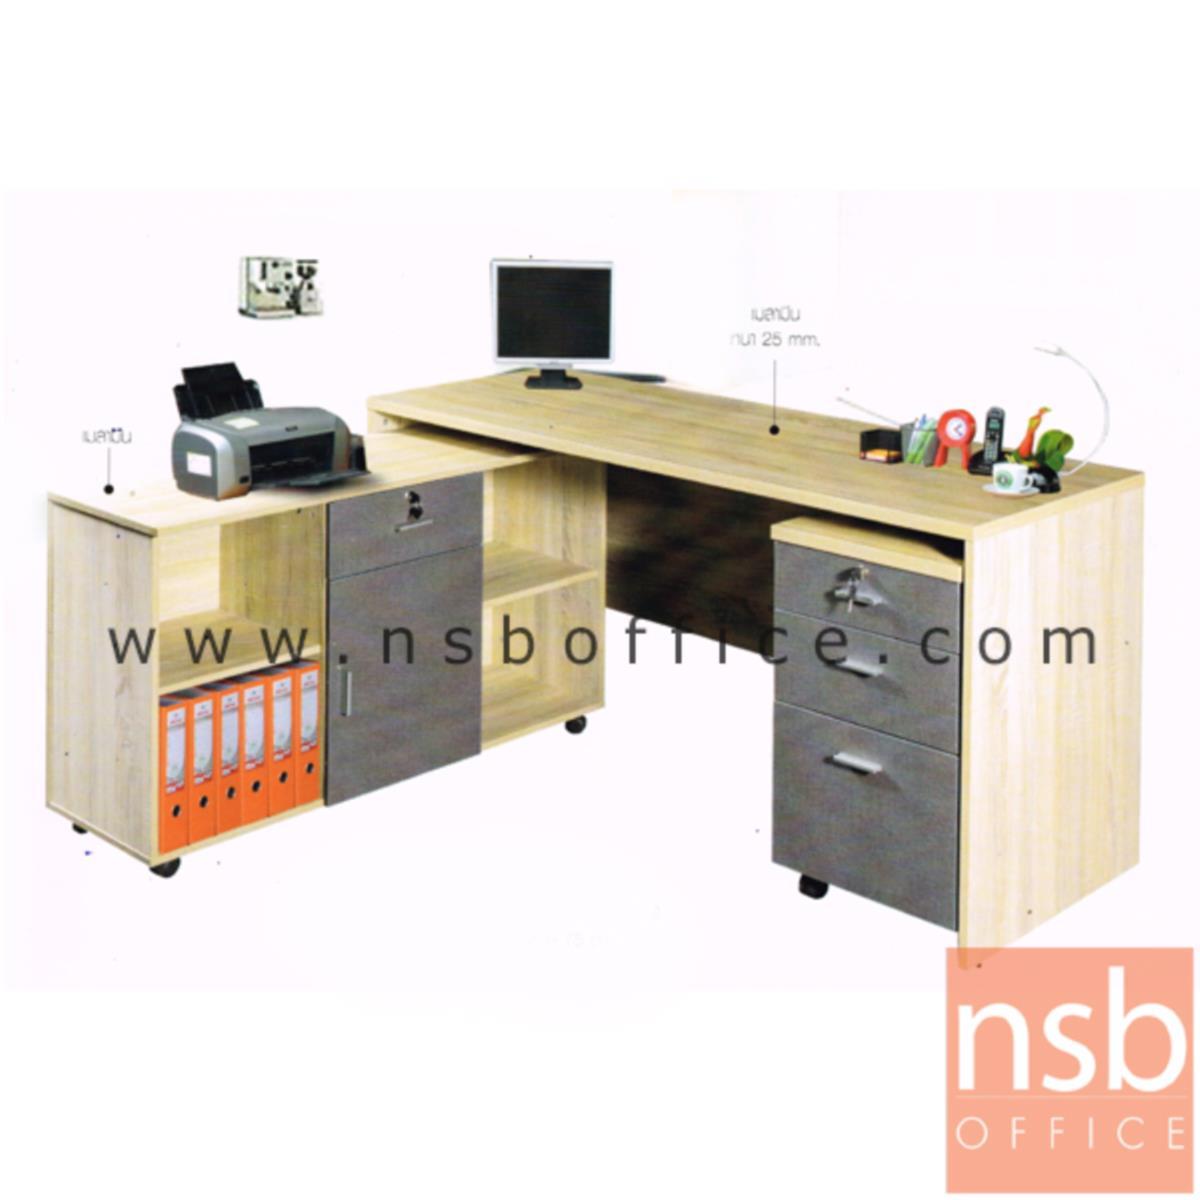 A13A164:โต๊ะทำงานตัวแอล รุ่น Carolyn (แครอลีน) ขนาด 160W cm. พร้อมตู้ข้างและลิ้นชักข้างโต๊ะ